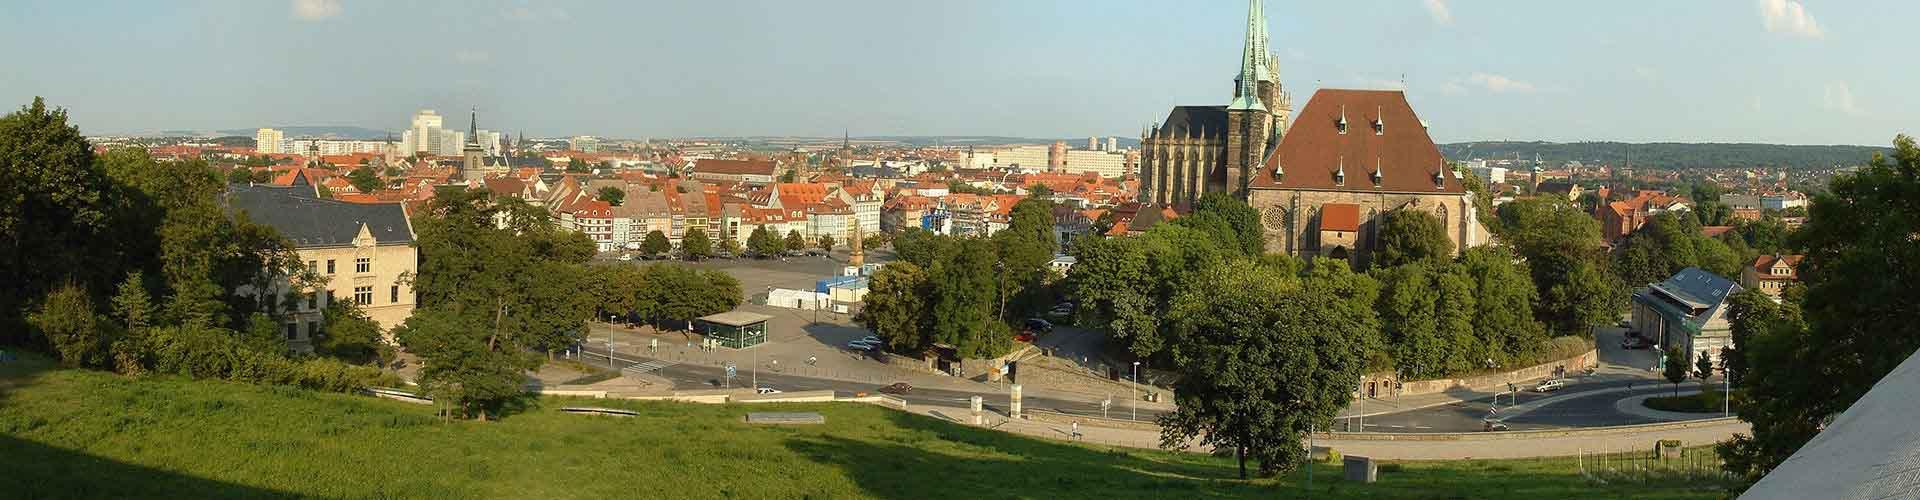 Erfurt - Auberges de jeunesse à Erfurt. Cartes pour Erfurt, photos et commentaires pour chaque auberge de jeunesse à Erfurt.